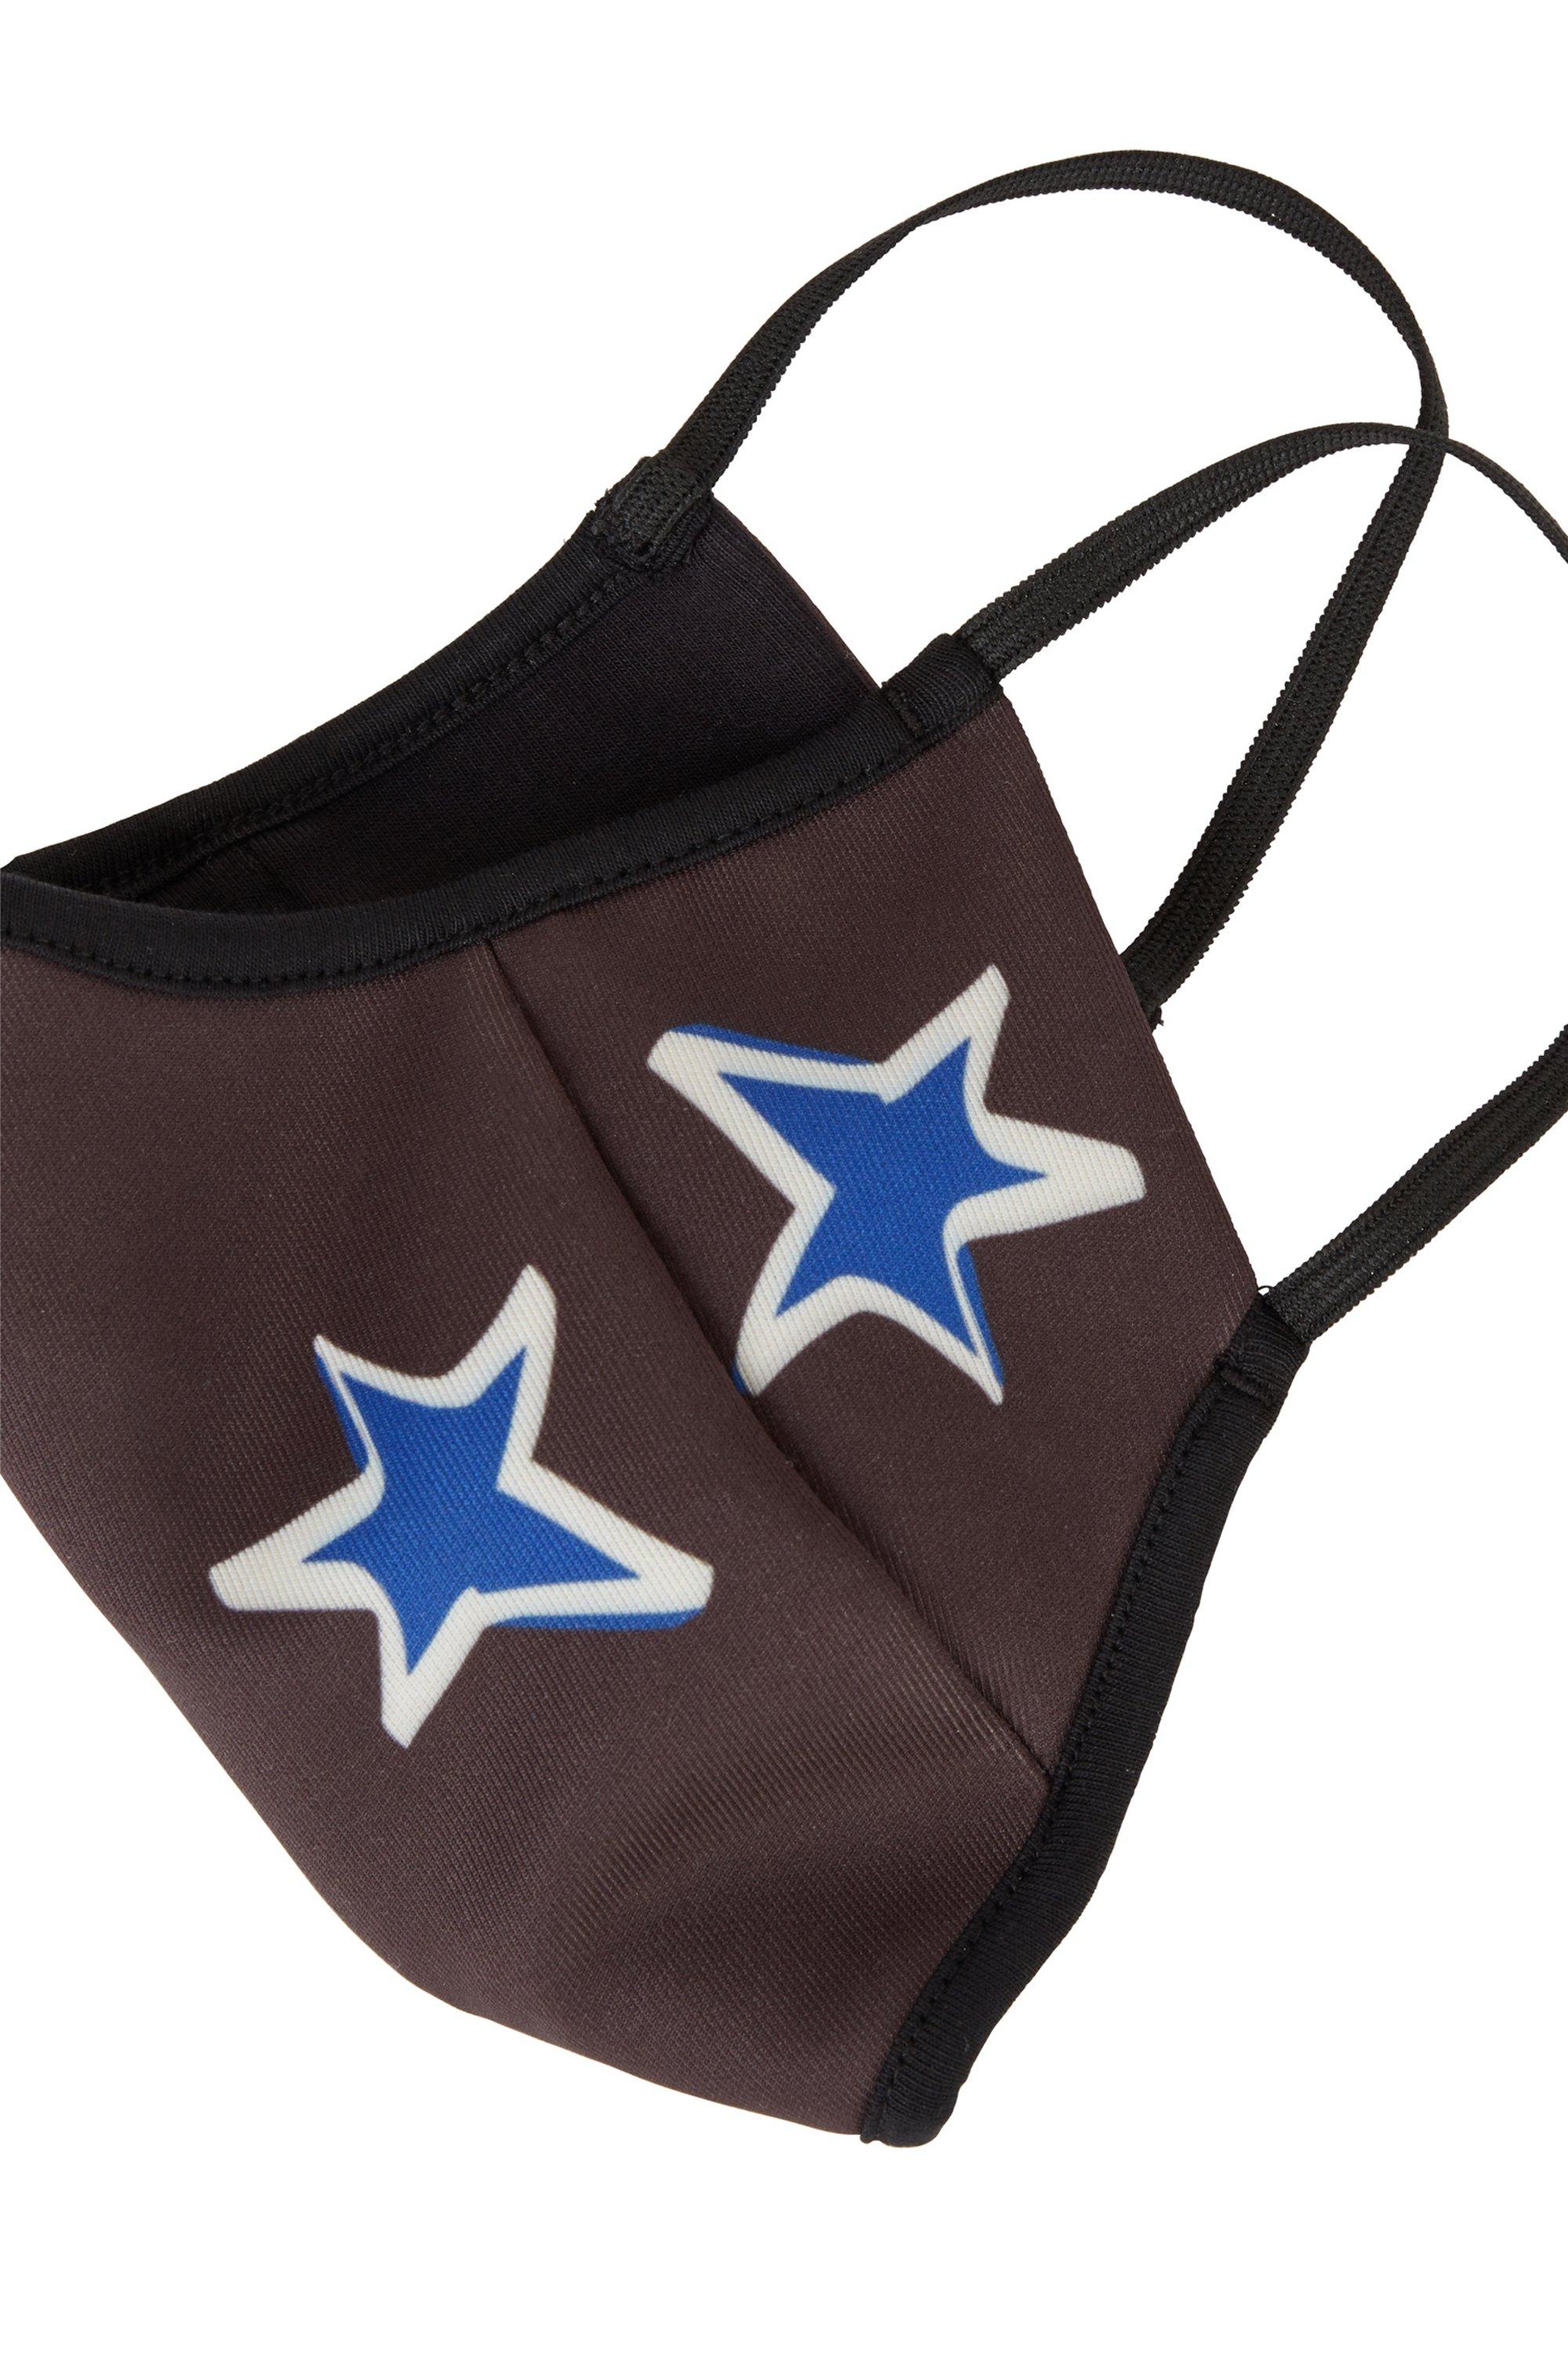 Masque facial en tissu stretch avec logo et étoiles